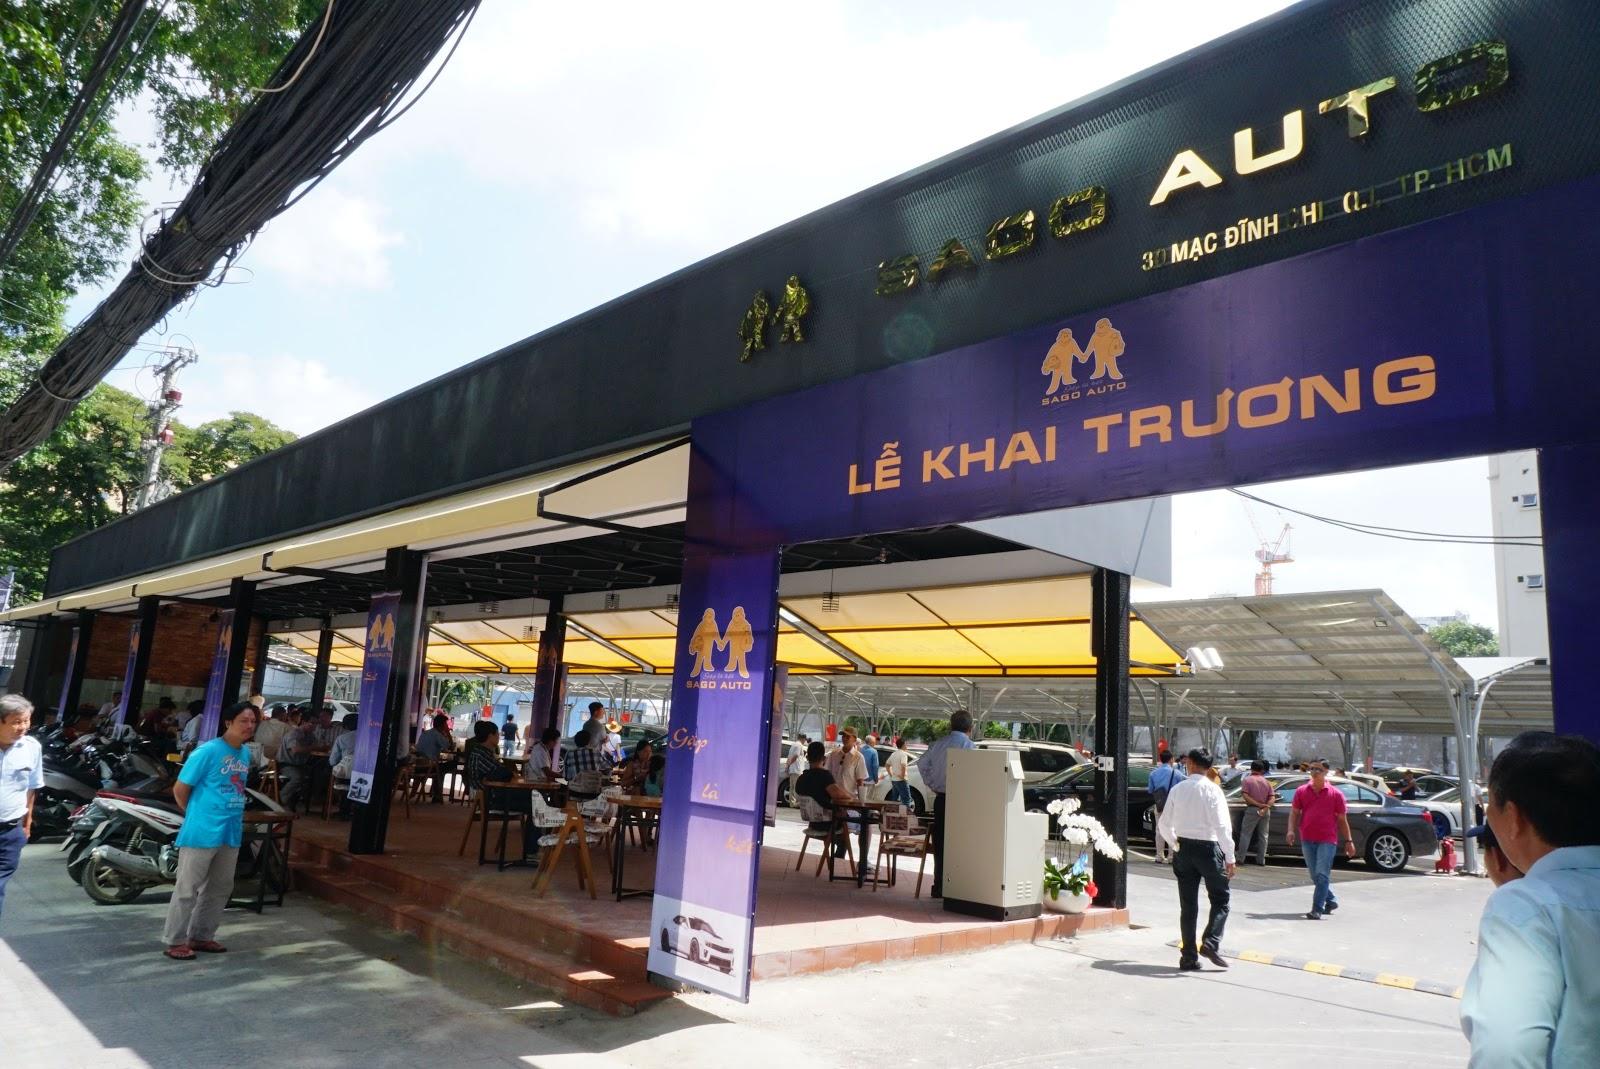 Chợ xe Sago Auto chợ xe quy mô chuyên nghiệp đầu tiên tại Việt nam, tọa lạc tại 30 Mạc Đỉnh Chi, Quận 1, Tp Hồ Chí Minh